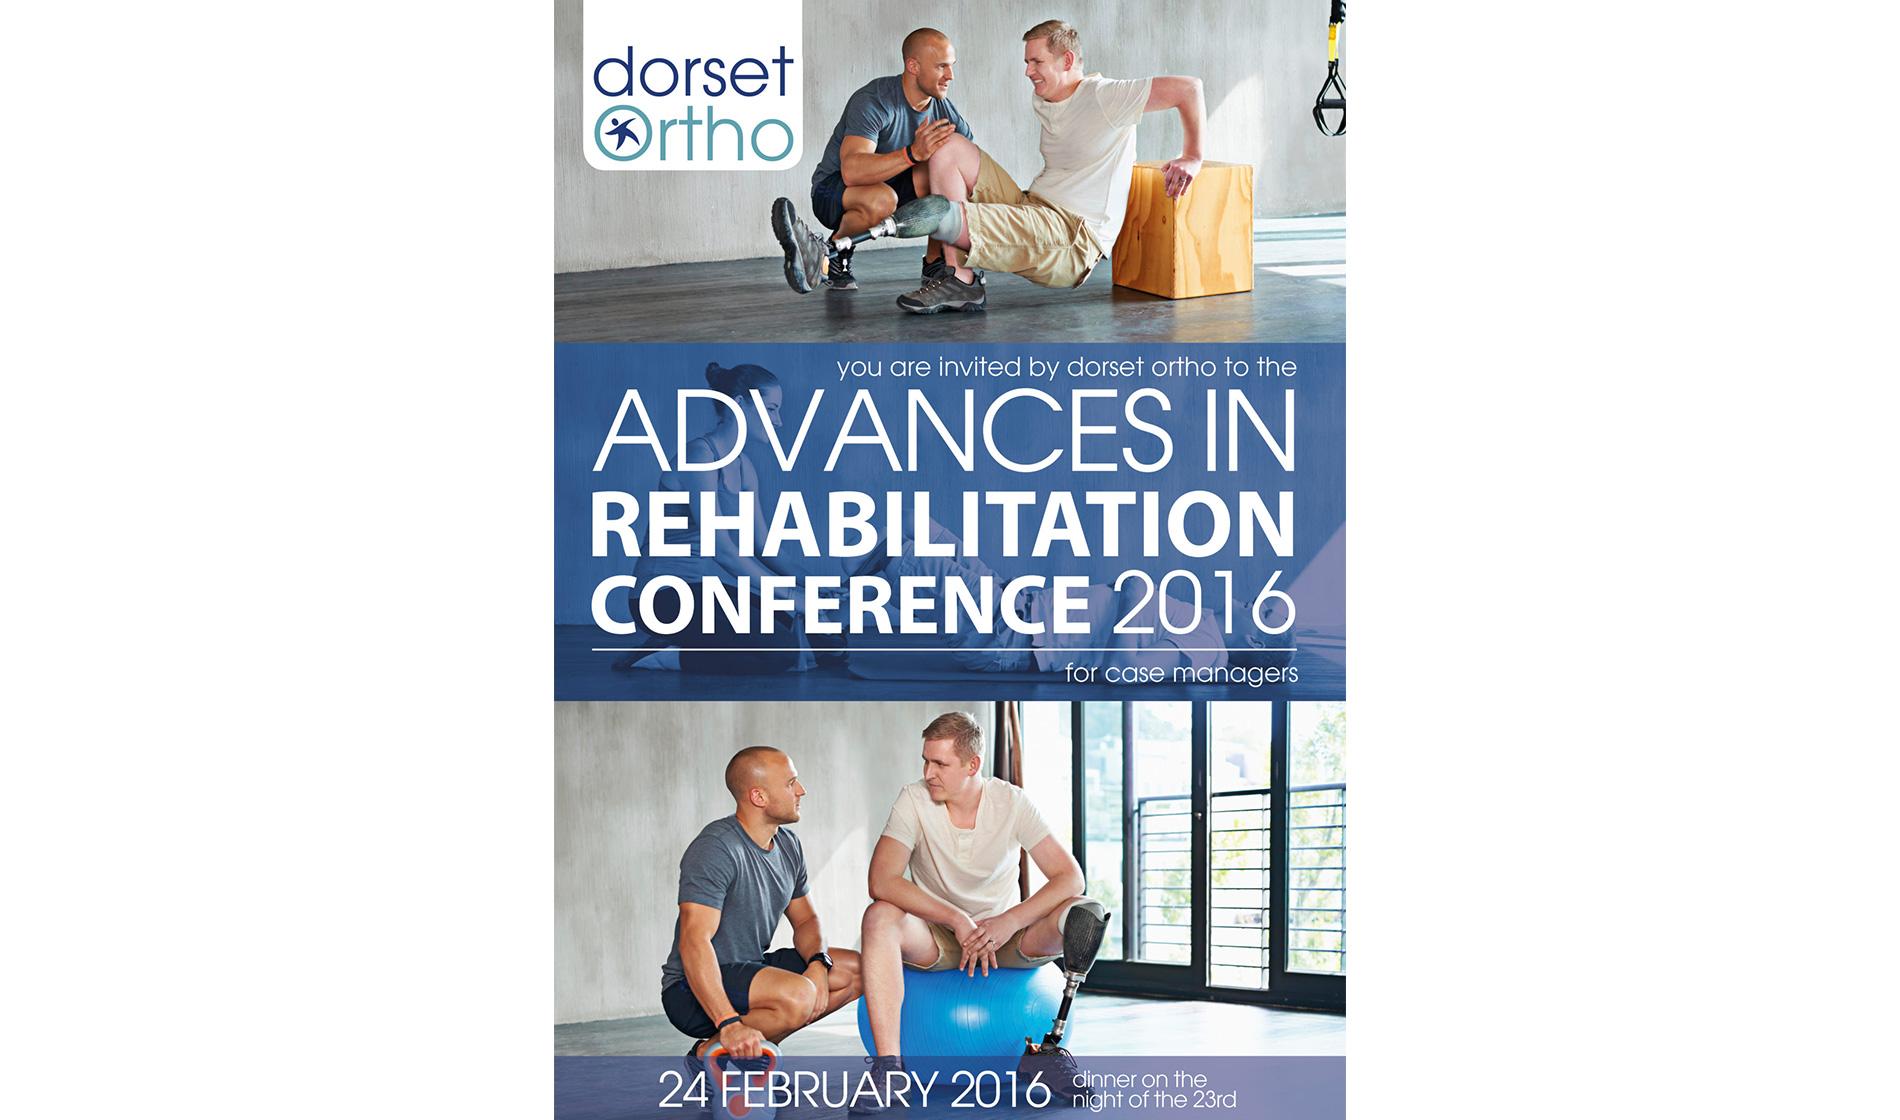 Dorset Orthopaedic Invite